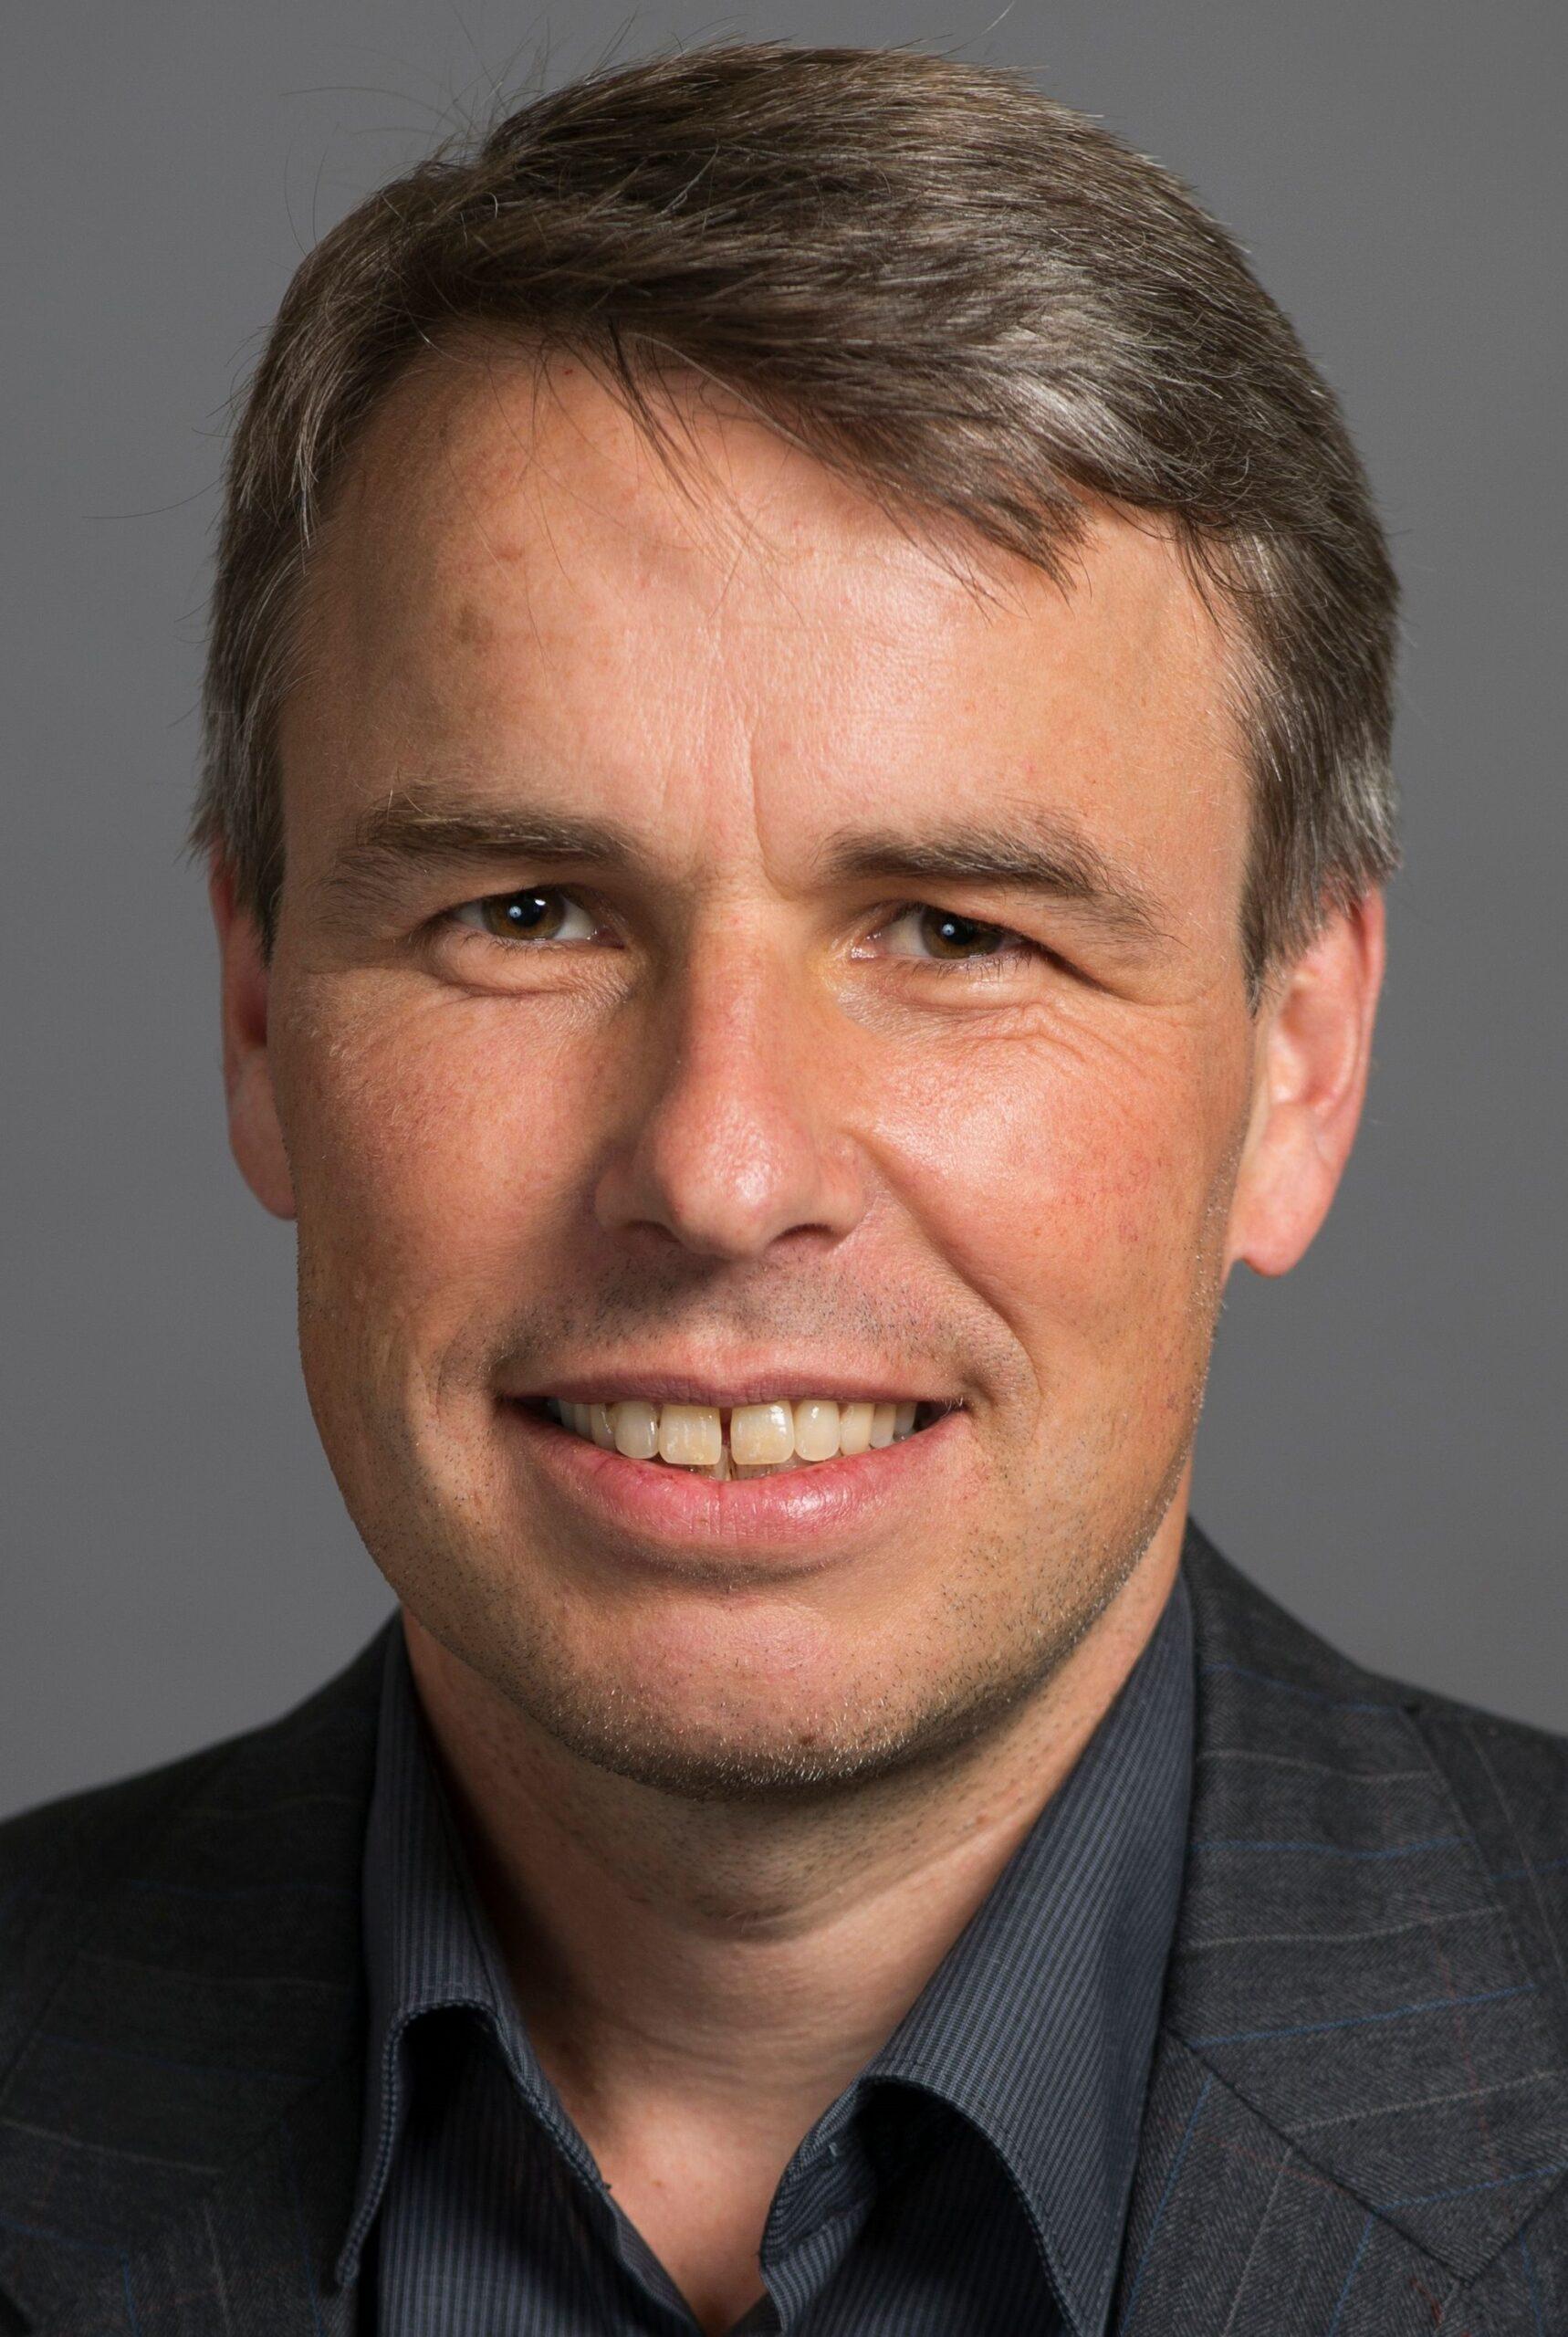 Ulrich Schmid